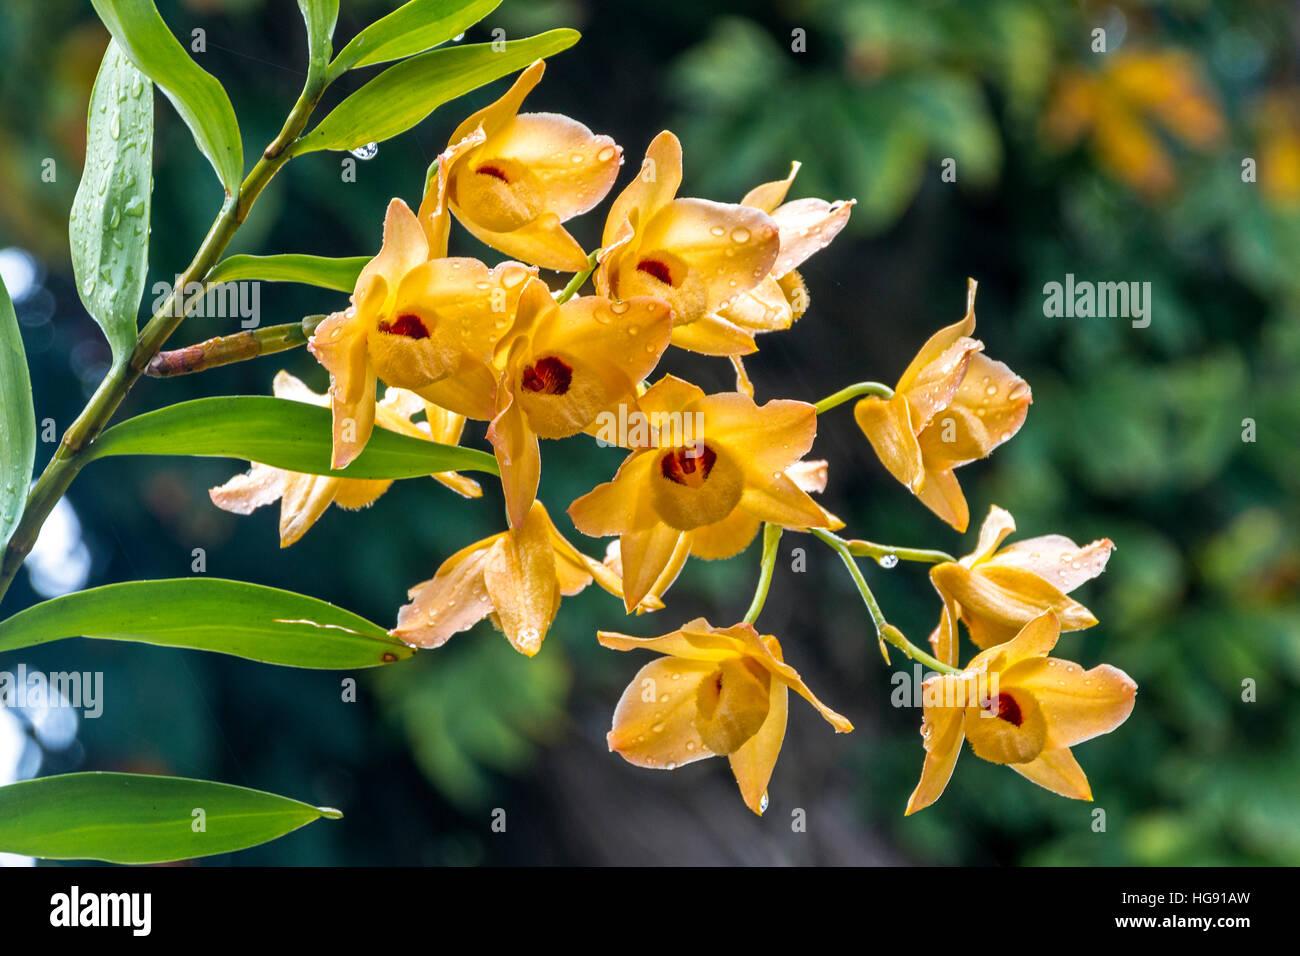 Cerrar un tallo de orquídeas dendrobium amarillas flores y hojas verdes cubiertos de gotas de lluvia Foto de stock